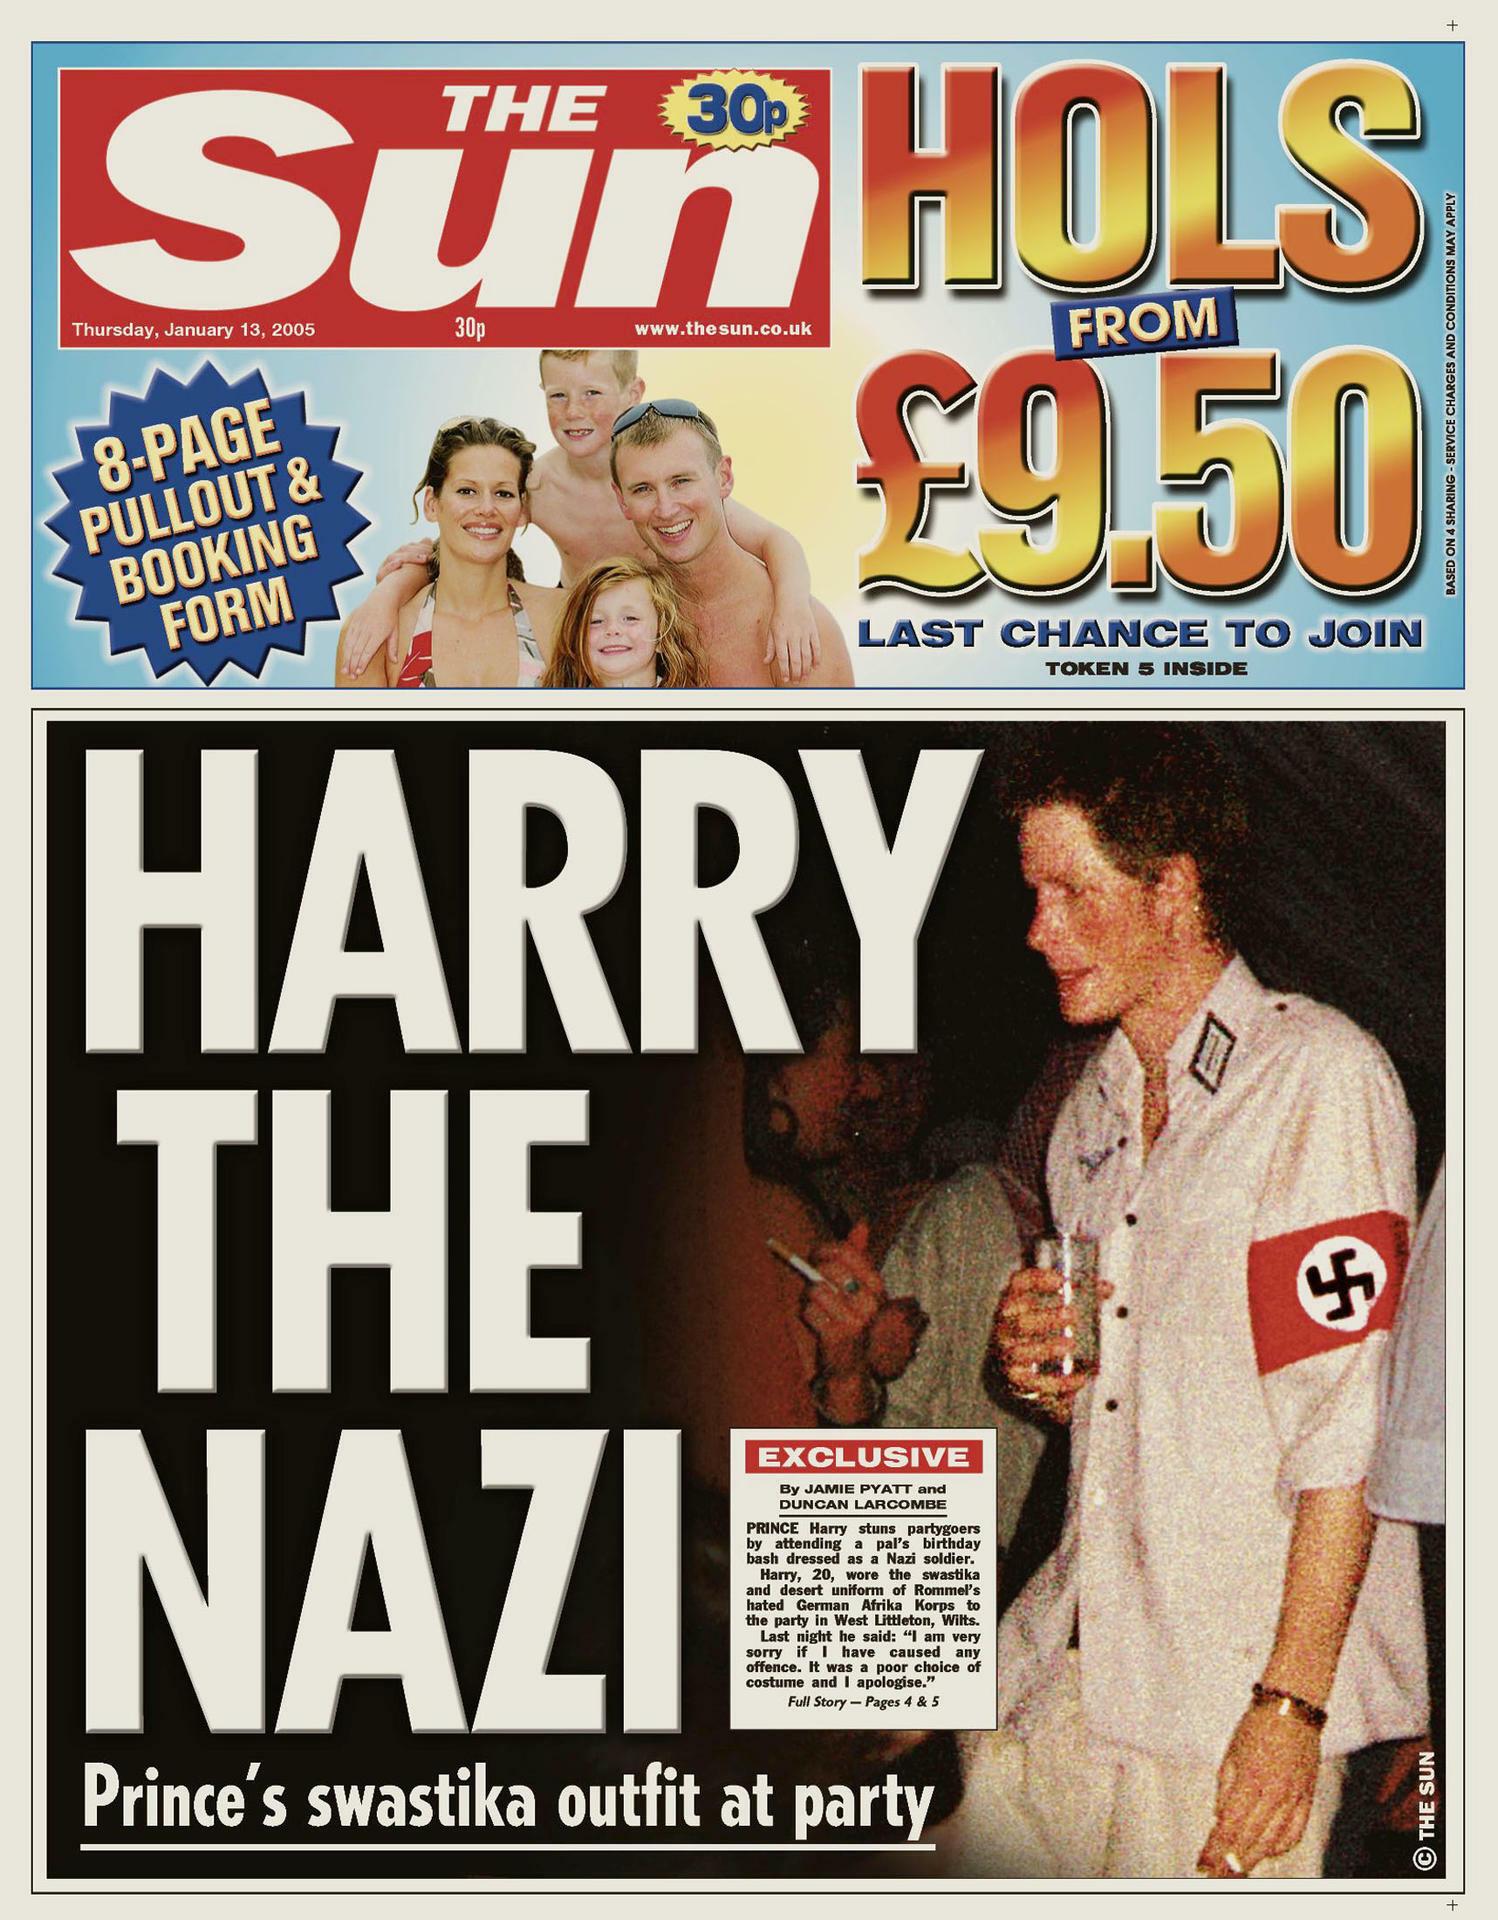 Skandal auf der Insel: Britischer Abgeordneter auf Nazi-Kostümparty